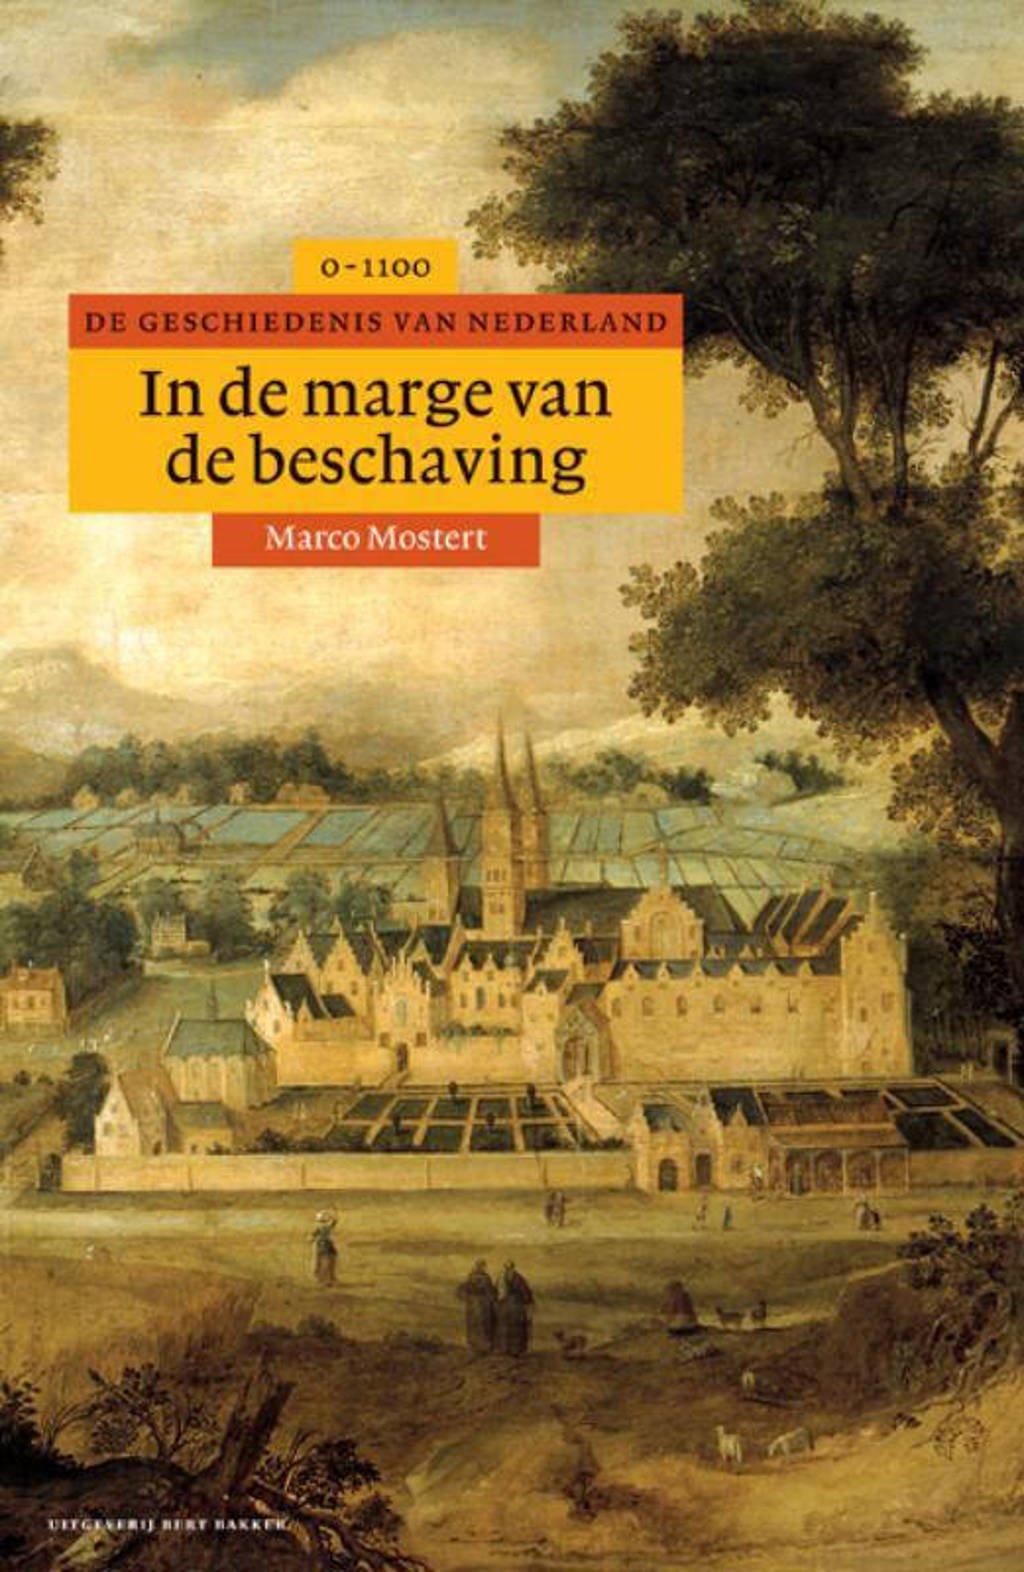 Algemene geschiedenis van Nederland: In de marge van de beschaving - Marco Mostert